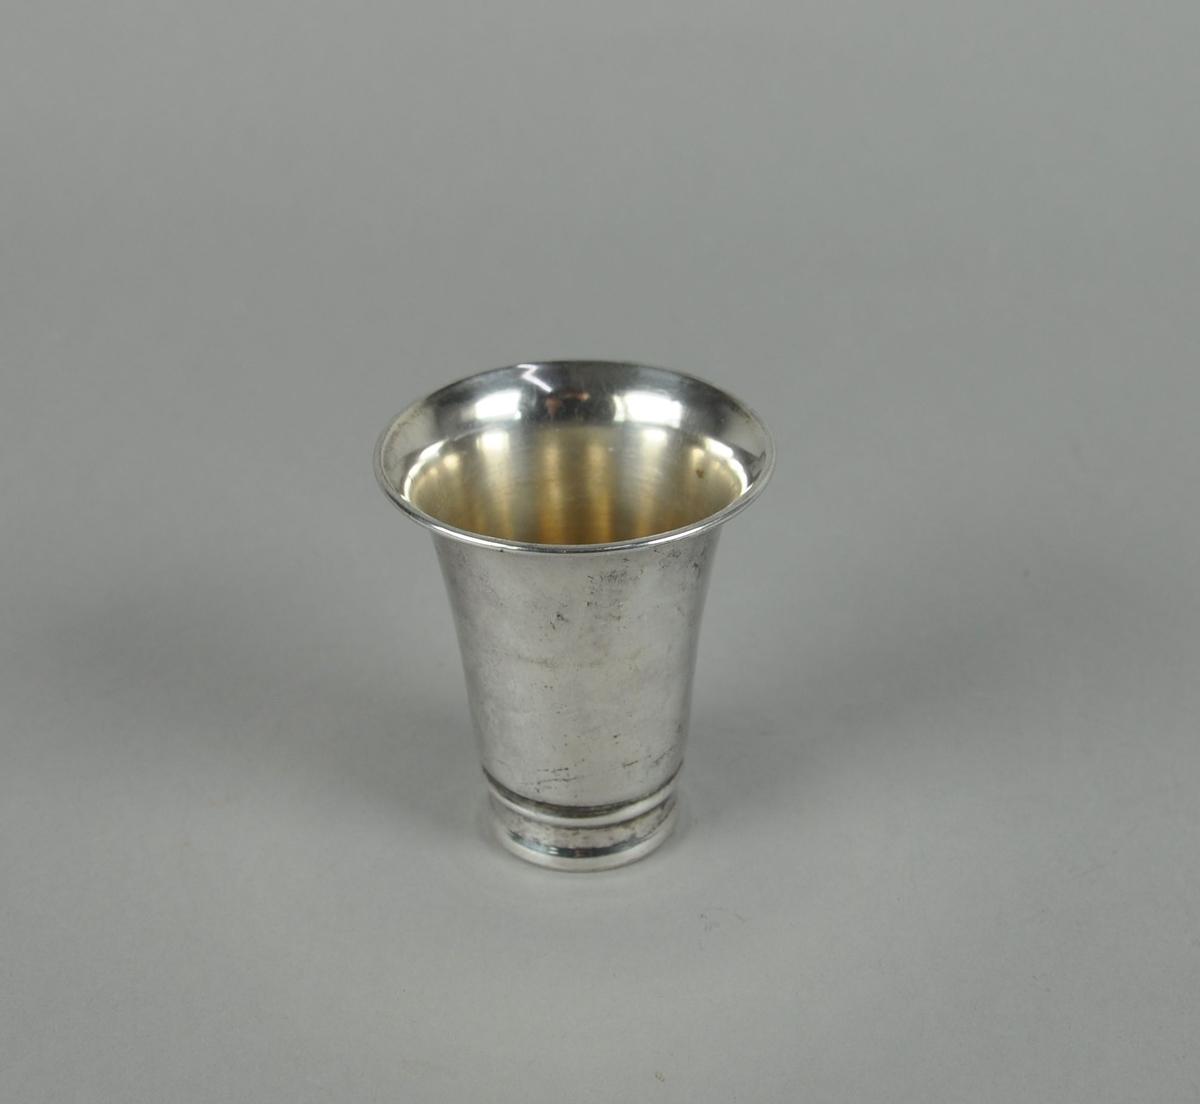 Pokal av sølvplett. Er innfelt nederst, og randen er utstående.